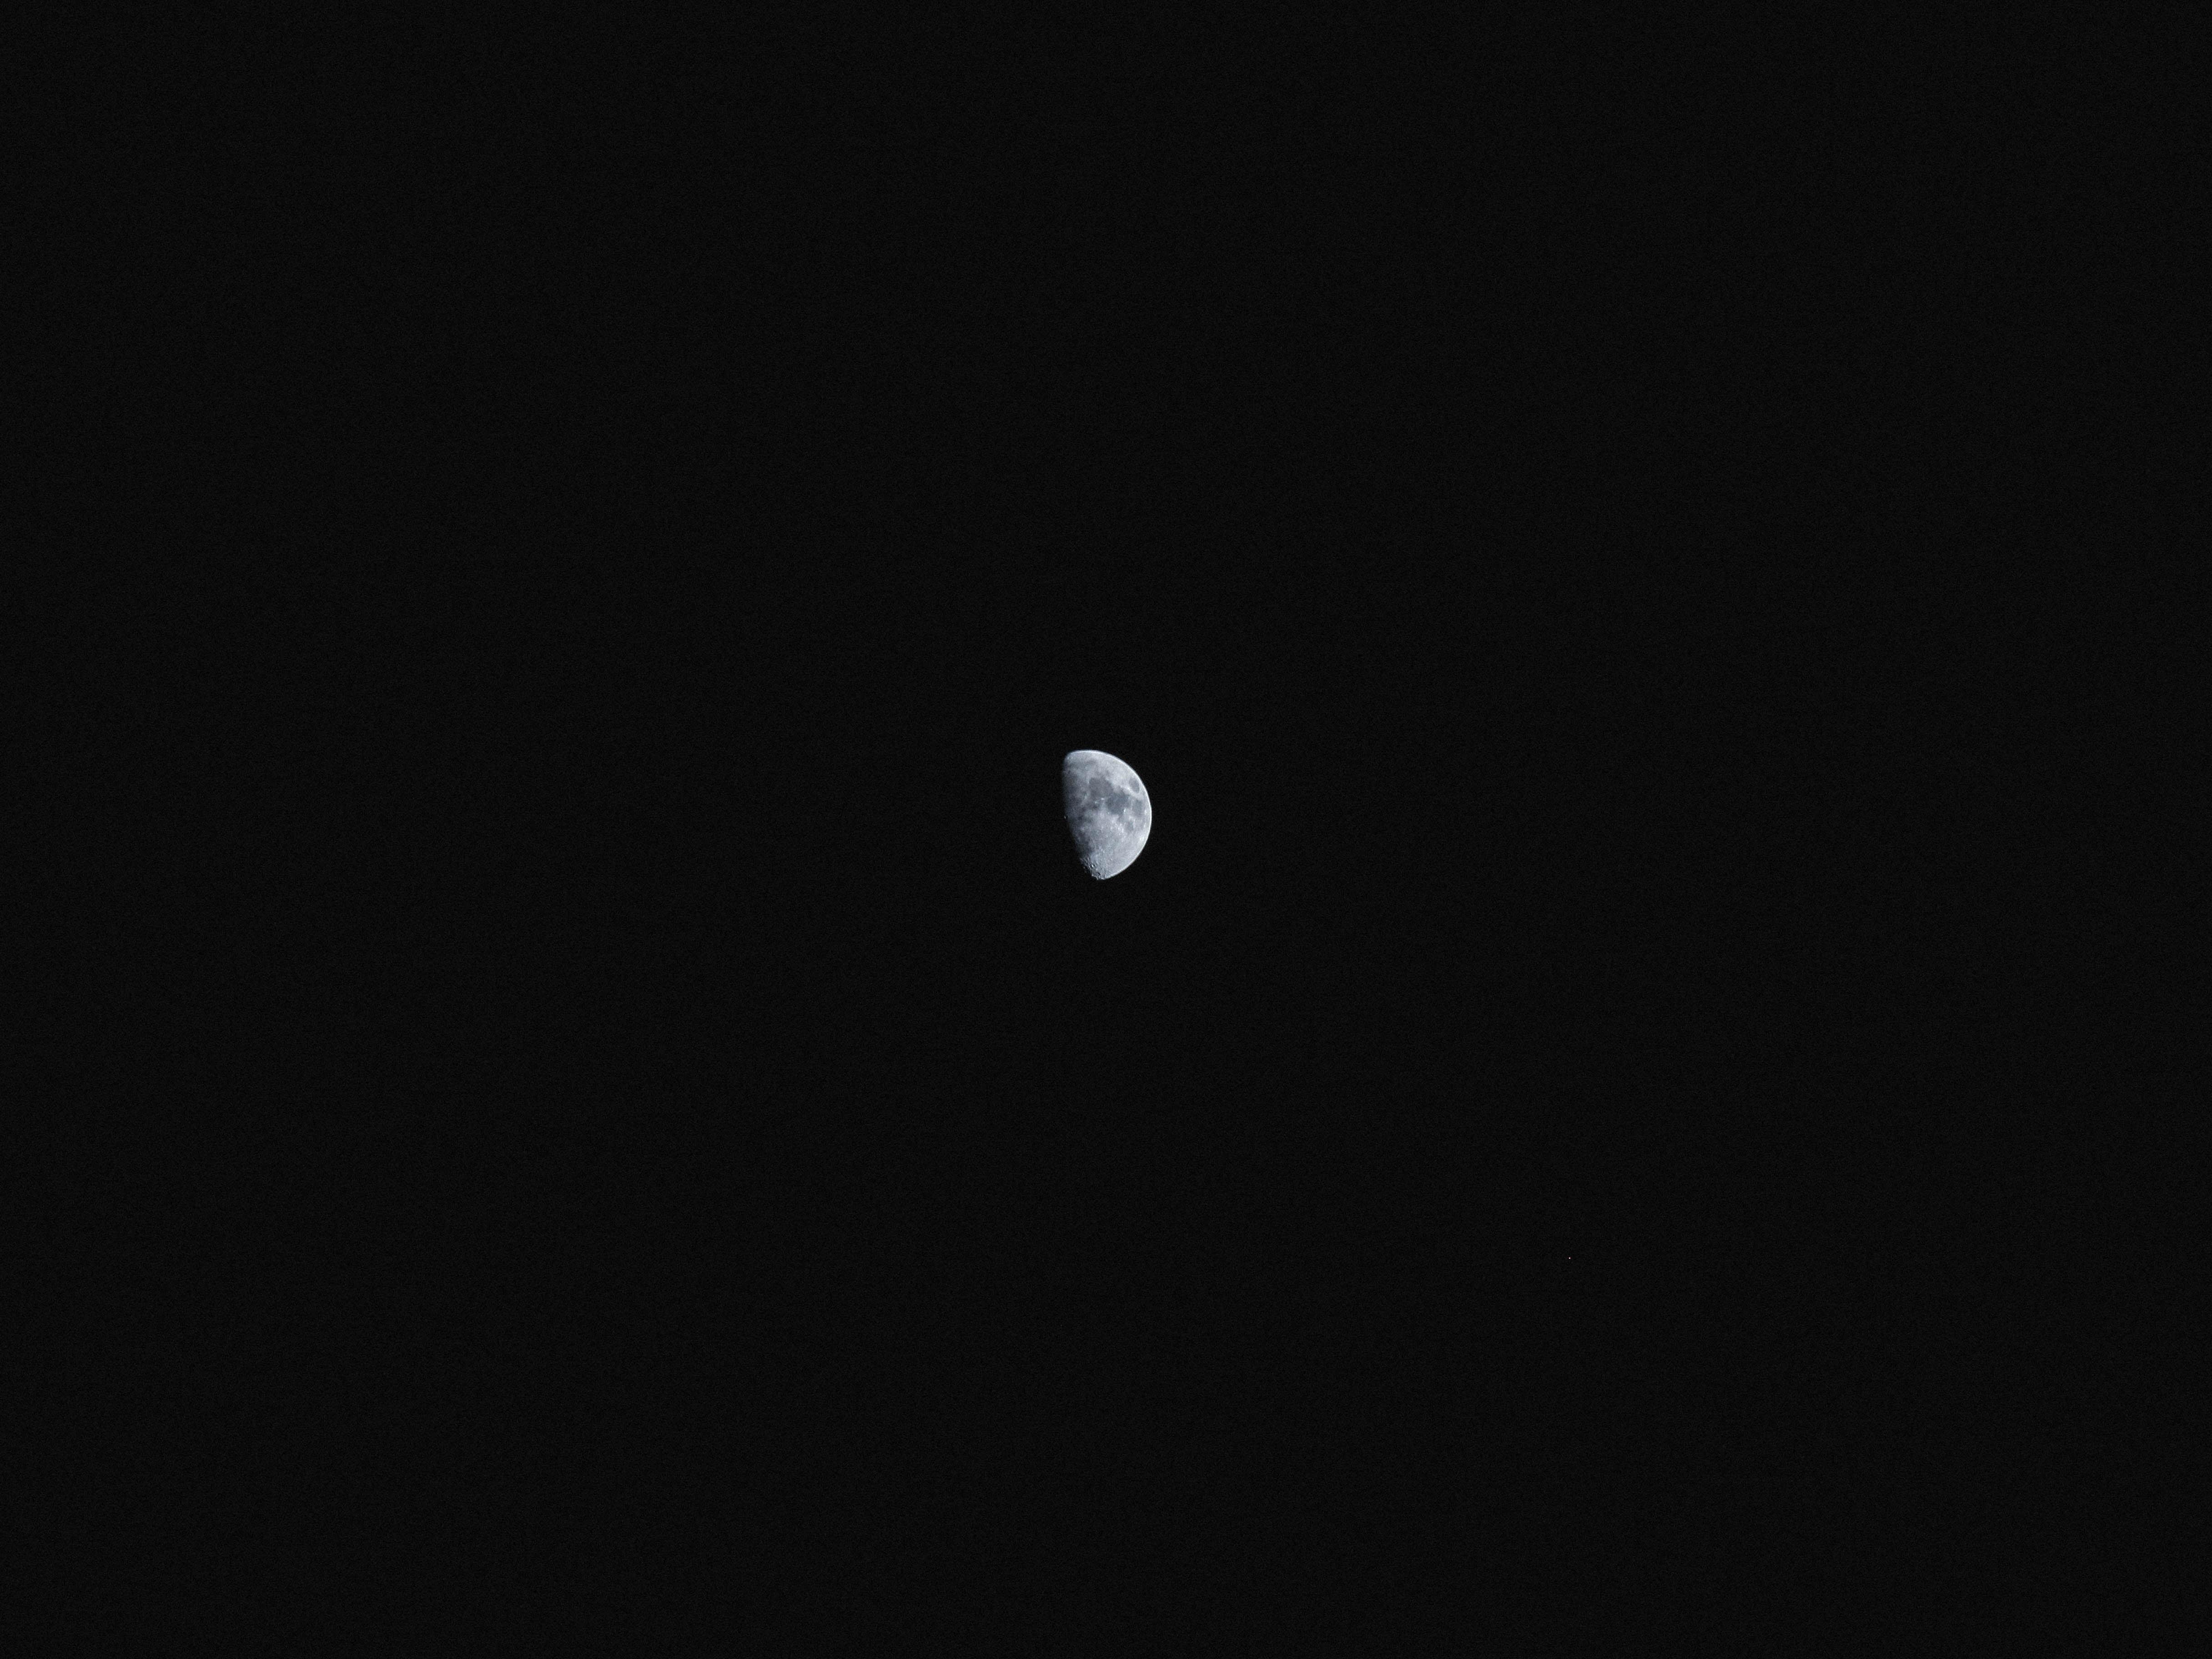 117022 скачать обои Небо, Космос, Ночь, Луна, Темный, Полнолуние, Спутник - заставки и картинки бесплатно